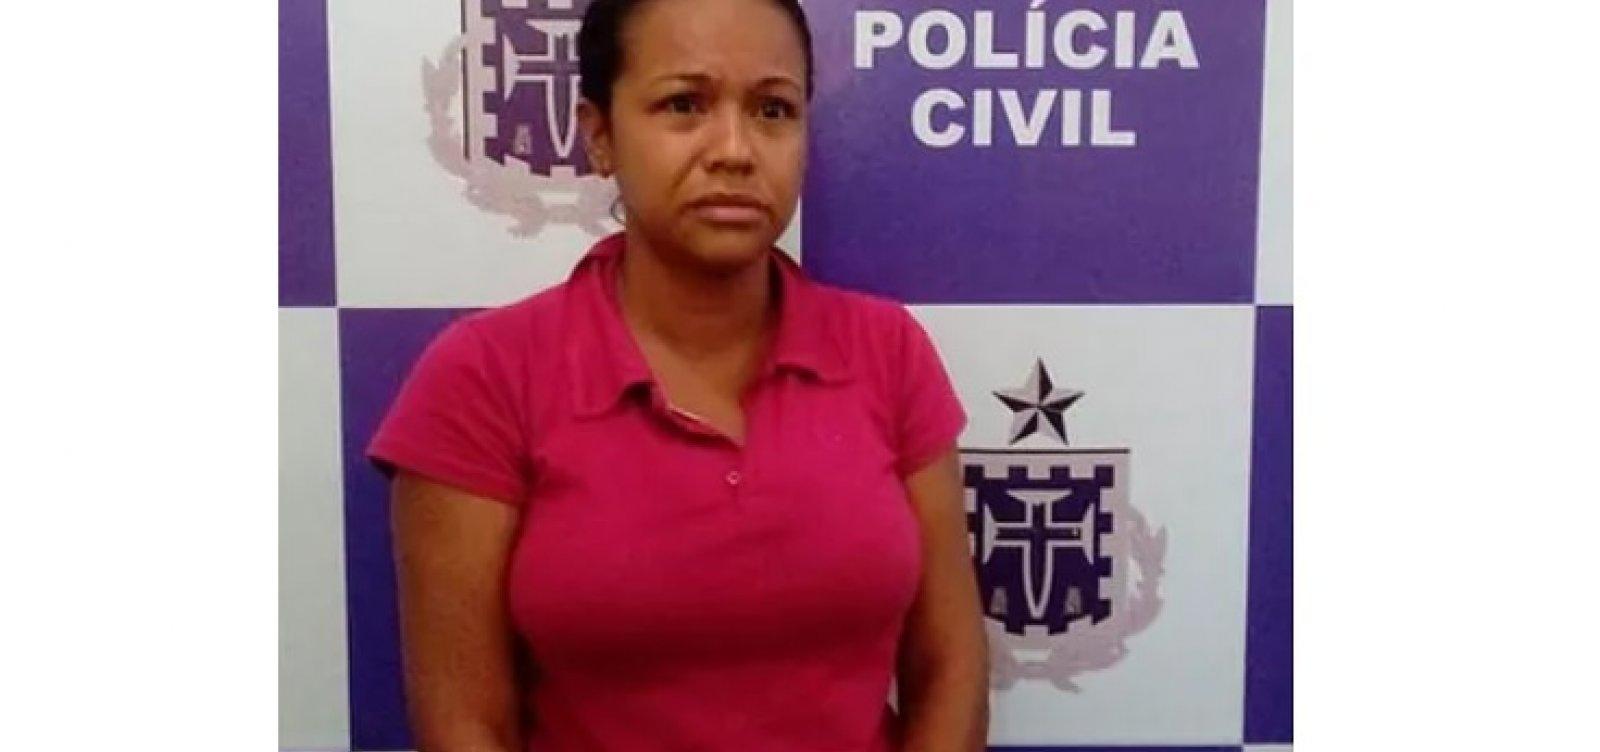 Acusada de matar parceiros envenenados, mulher é condenada a 21 anos de prisão na Bahia